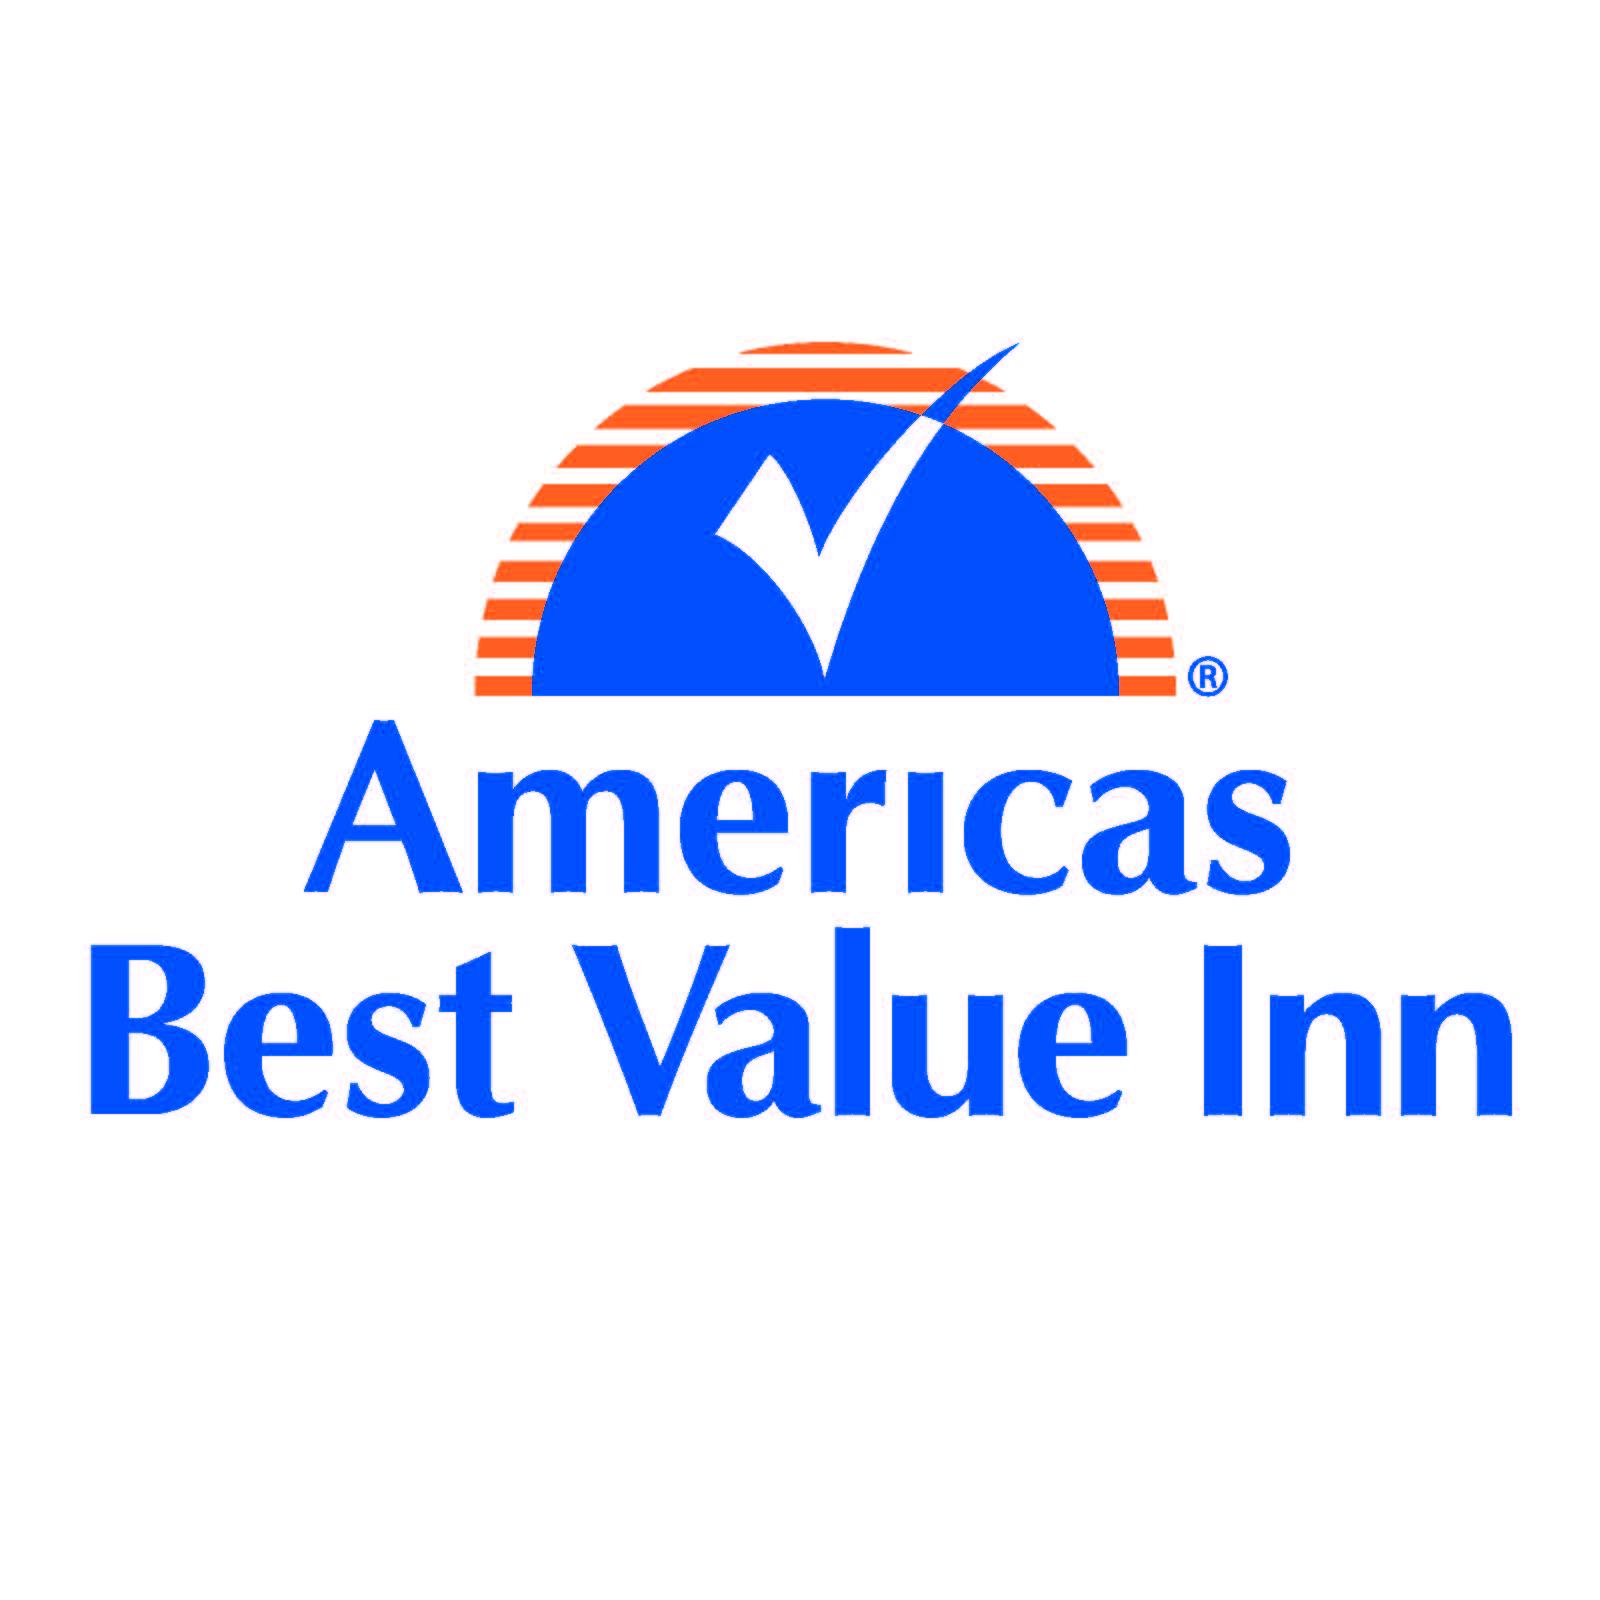 America's Best Value Inn logo